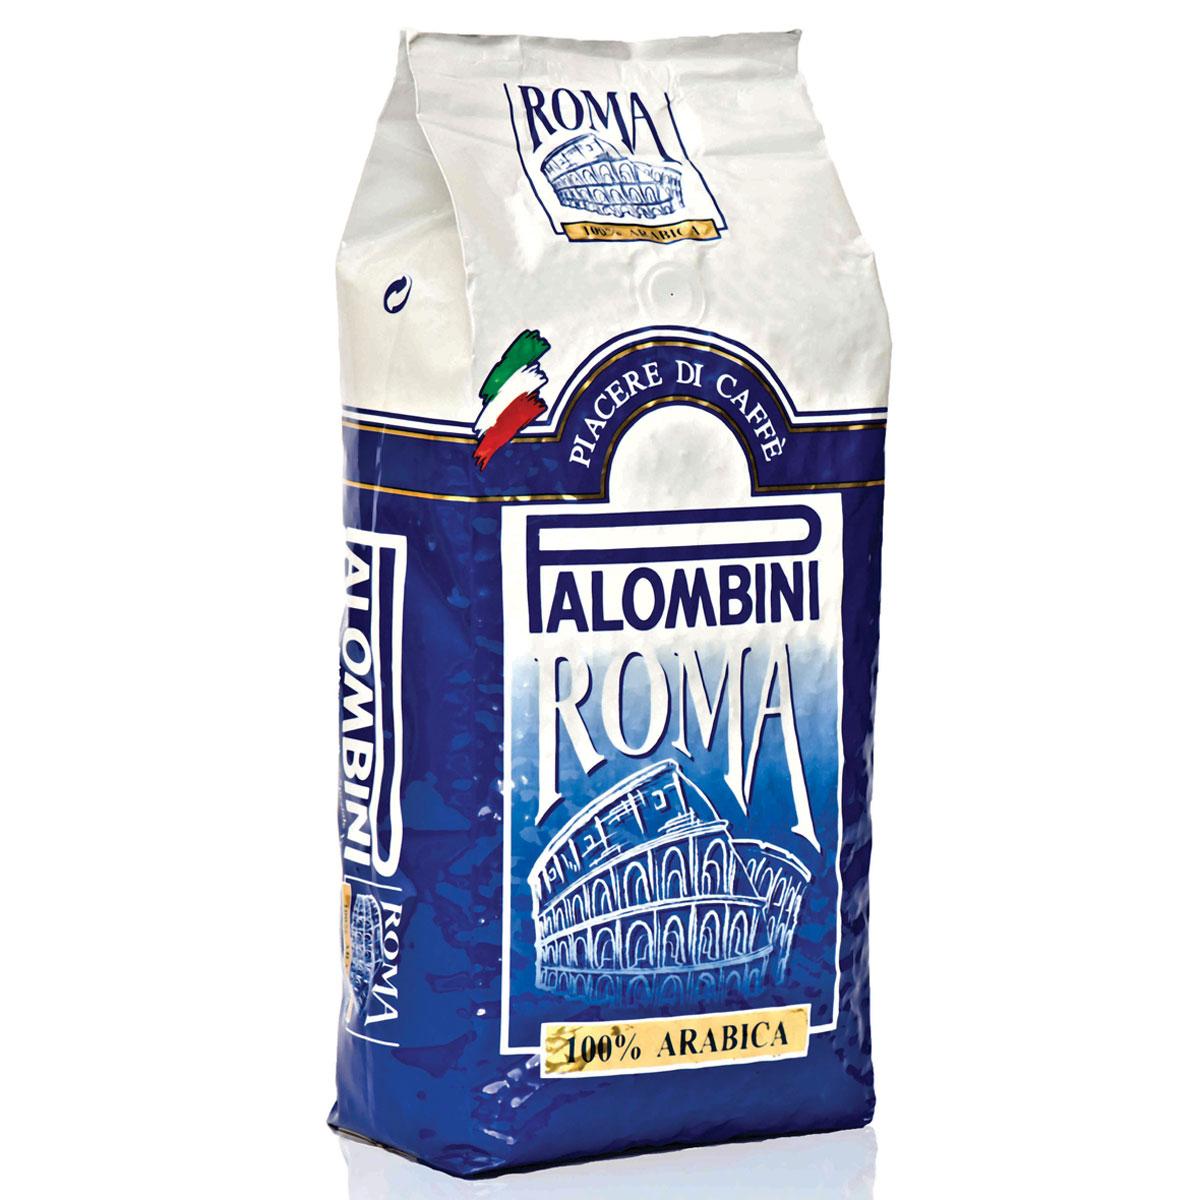 Palombini Roma 100% Arabica кофе в зернах, 1 кг8009785301830Натуральный жареный кофе в зернах Palombini Roma 100% Arabica, высшего сорта. Абсолютно лучшая смесь высококачественной 100% Арабики. Созданадля настоящих ценителей вкуса идеального кофе!